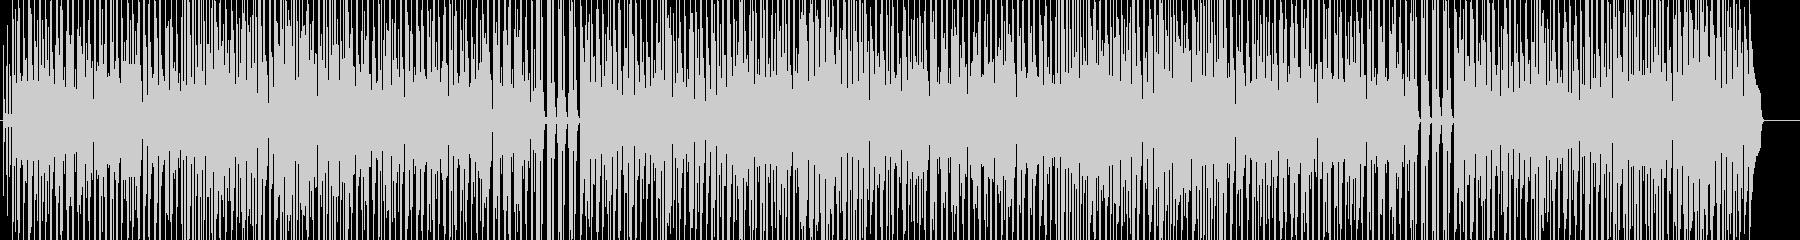 かわいい★スウィングバンド-ラグタイムの未再生の波形